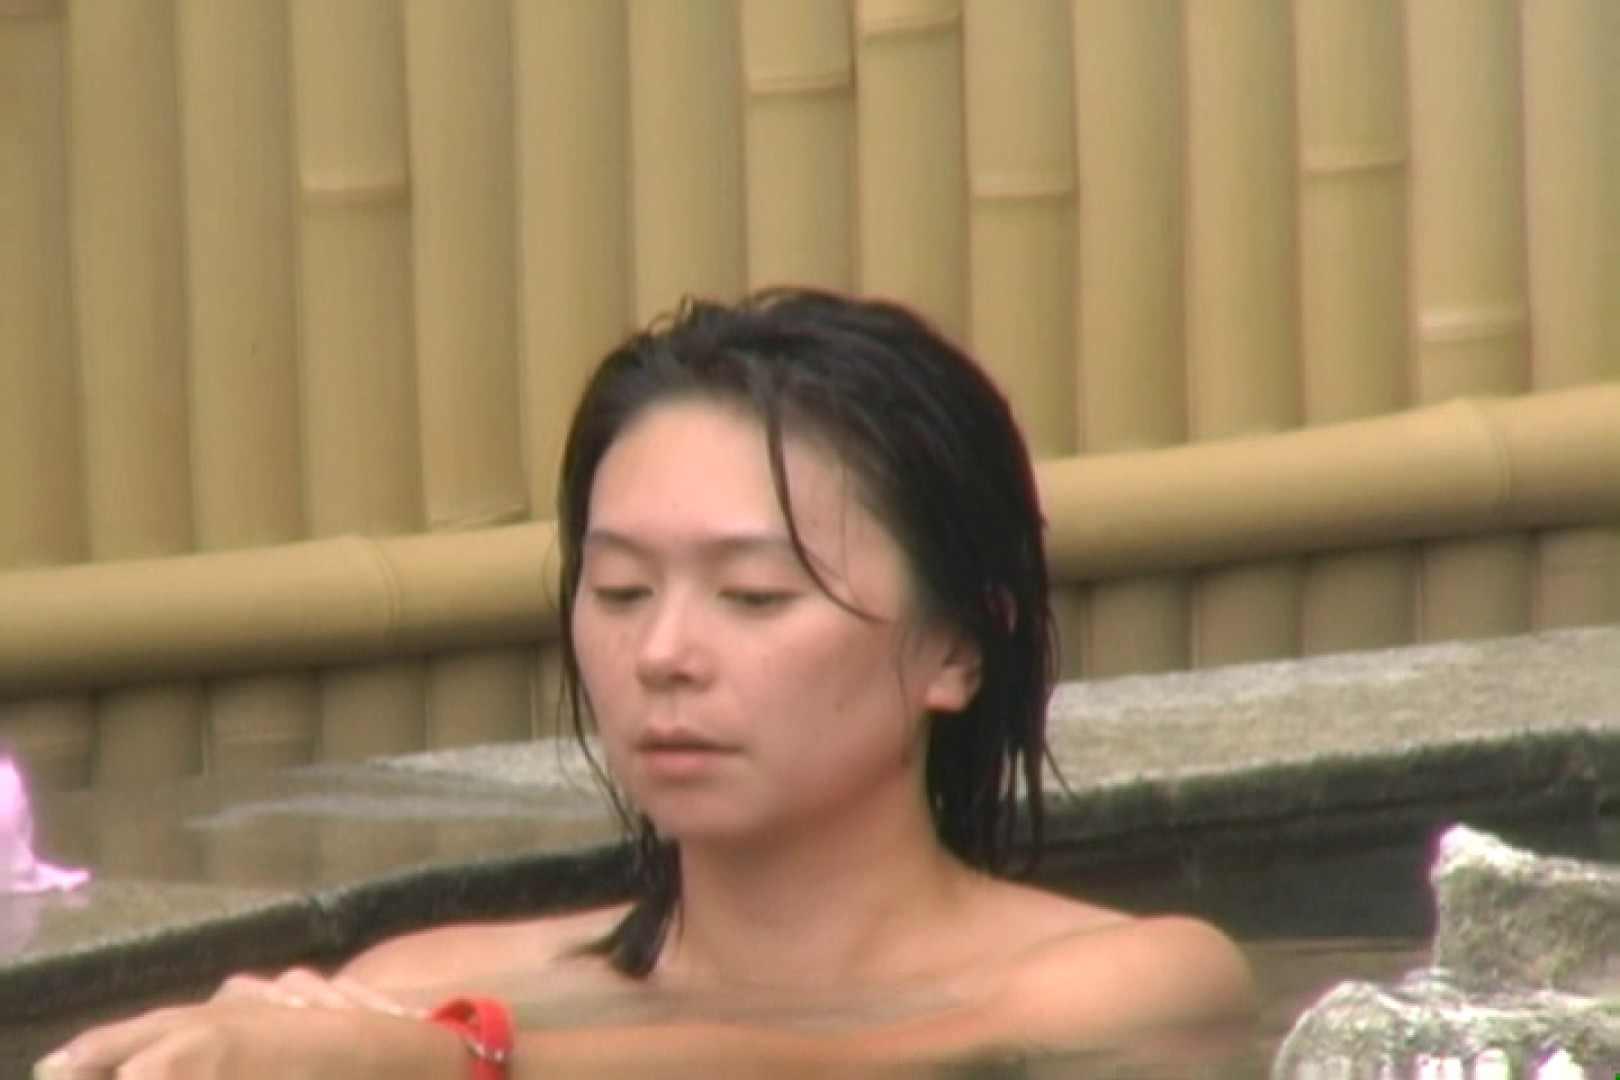 Aquaな露天風呂Vol.619 綺麗なOLたち | 露天  67枚 19